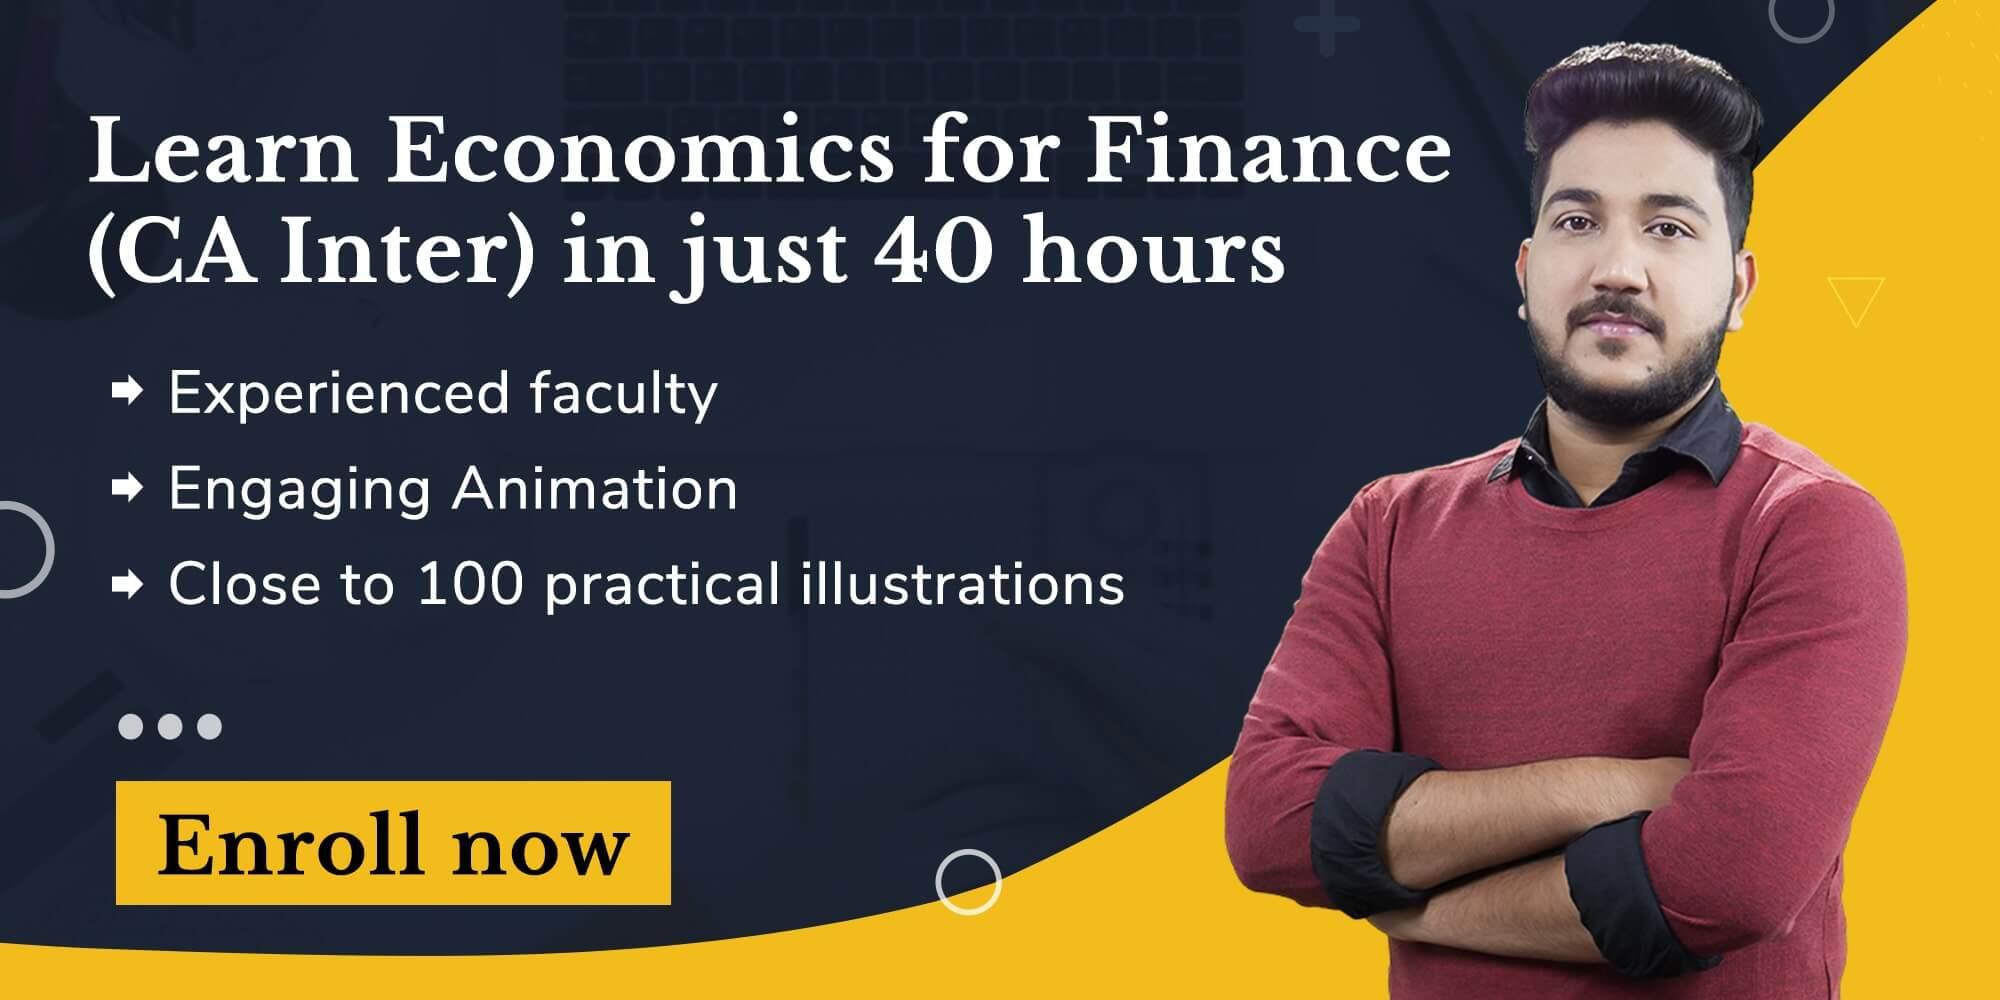 Economics for Finance Launch